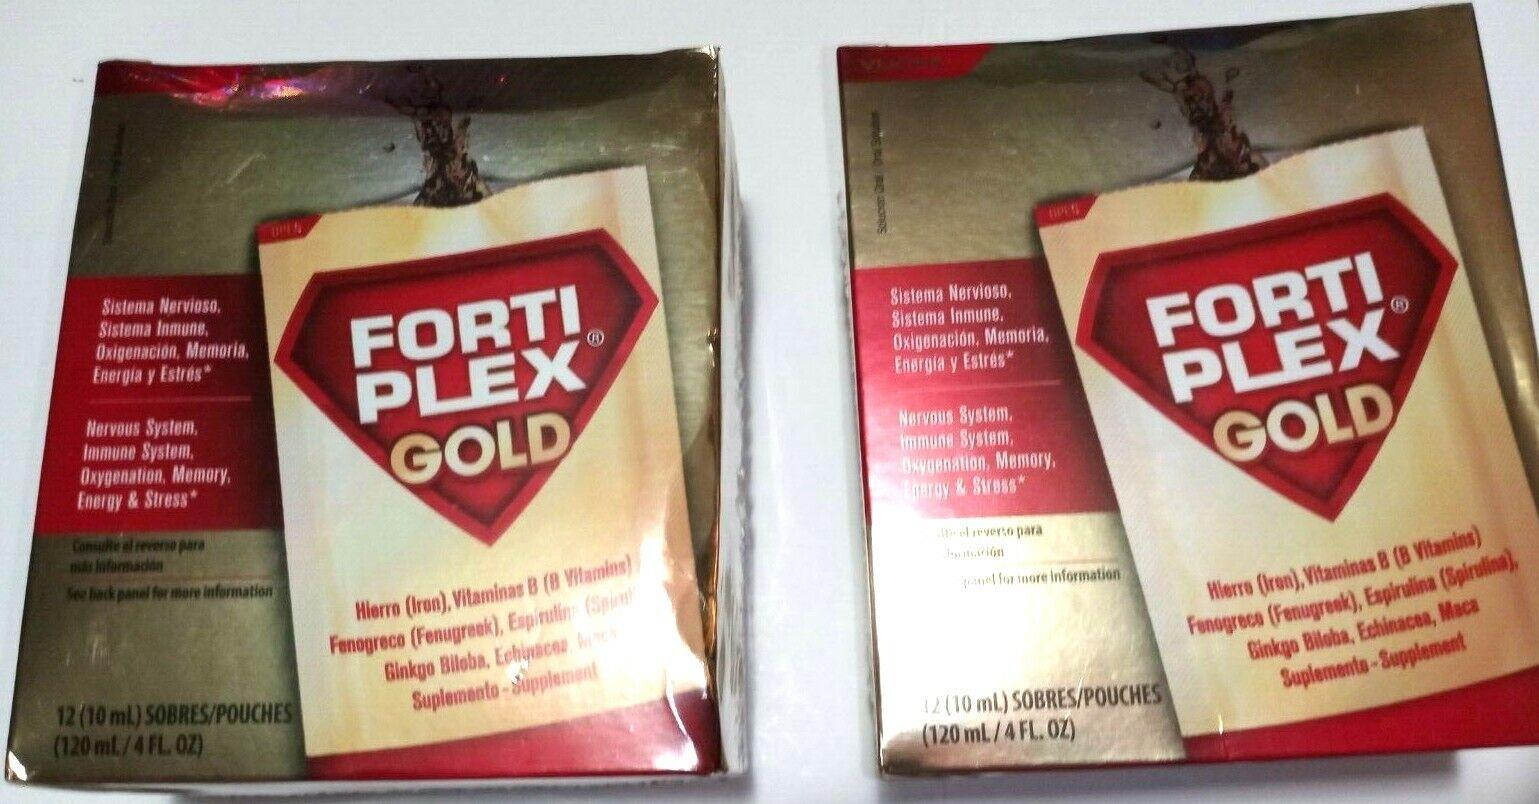 2 Pk FORTI PLEX 12 Pouches Excelente Anti Estress Alimento Del Cerebro Exp 01/21 - $23.99